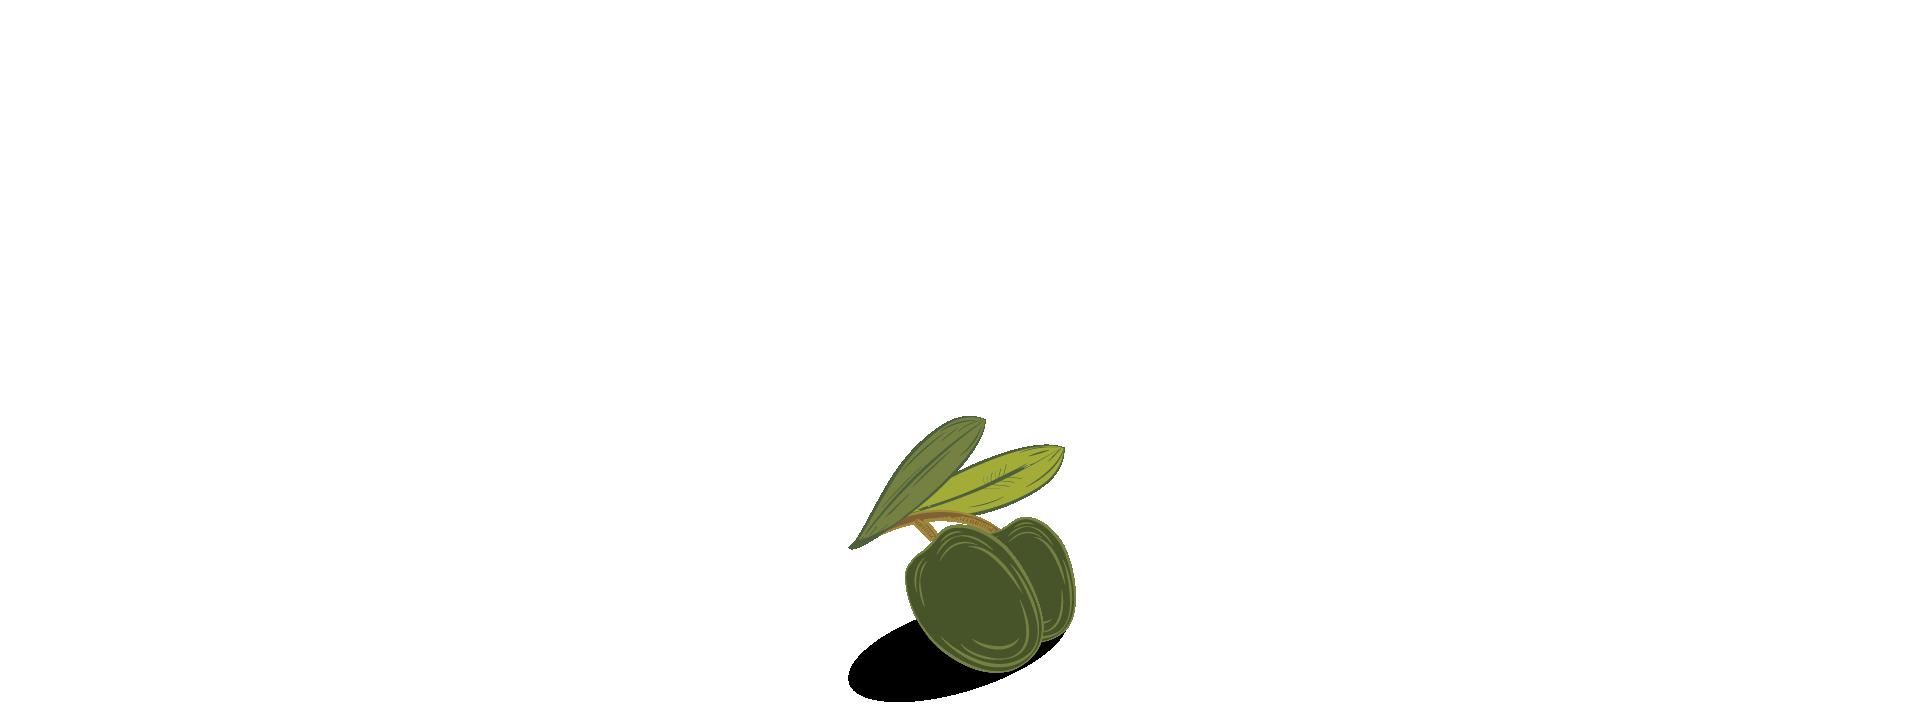 Illustrazione olive verdi per immagine principale